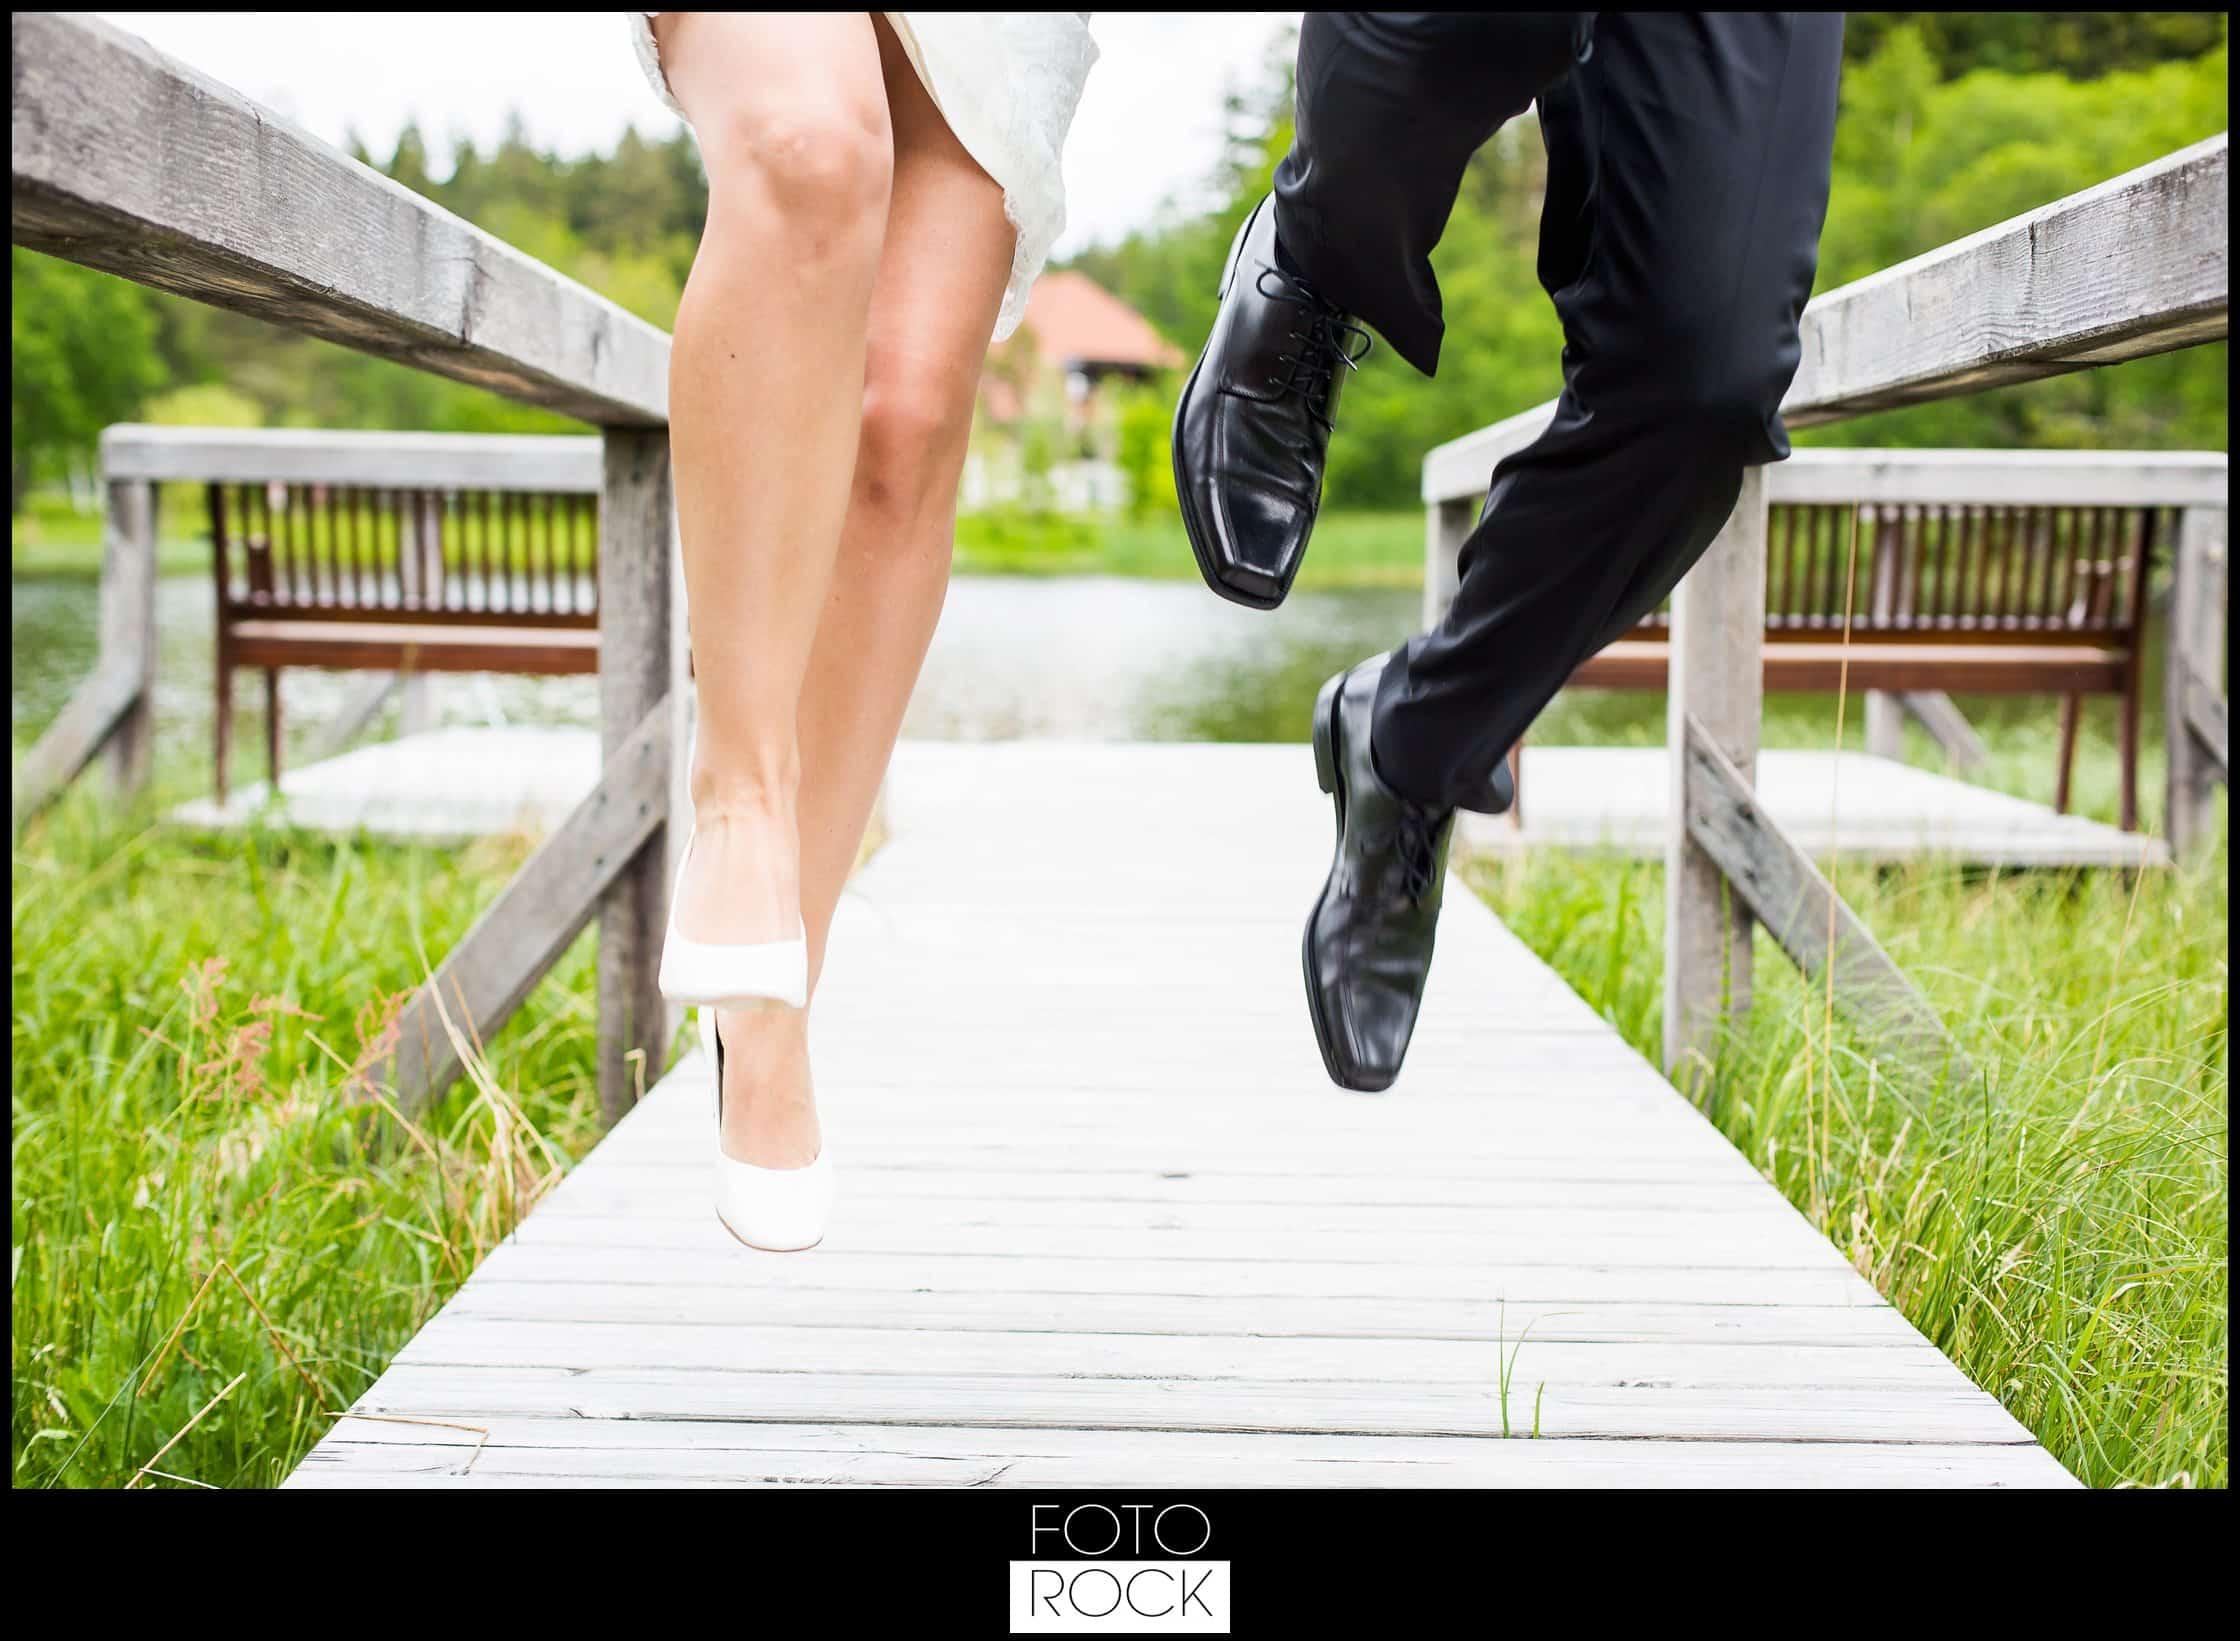 Hochzeit Parkhotel Adler teich steg brautpaar sprung